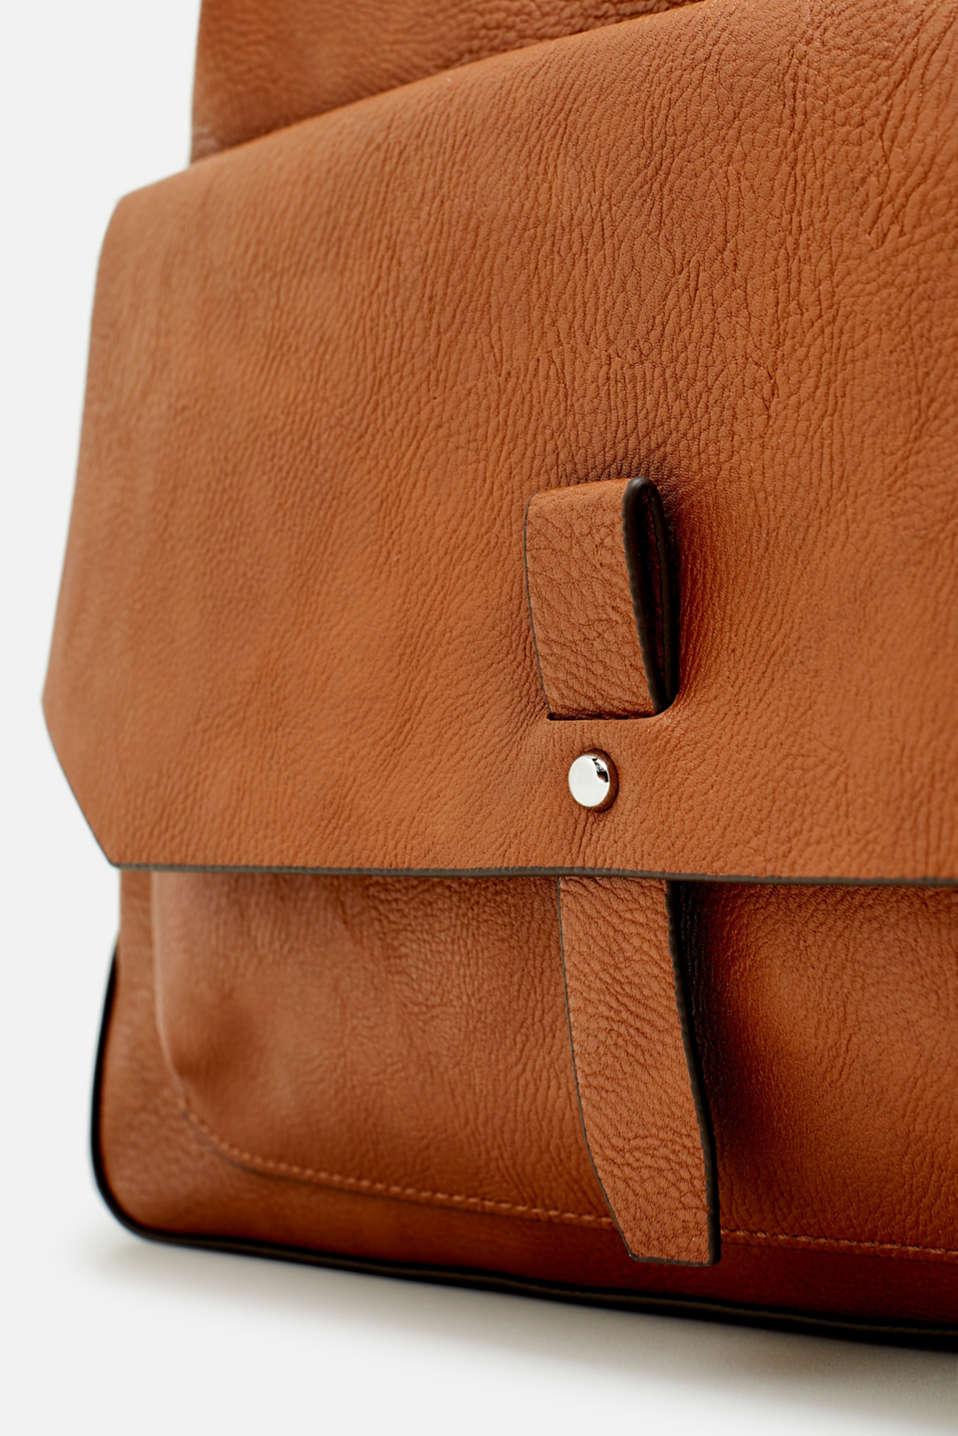 Adjustable faux leather shoulder bag, RUST BROWN, detail image number 3